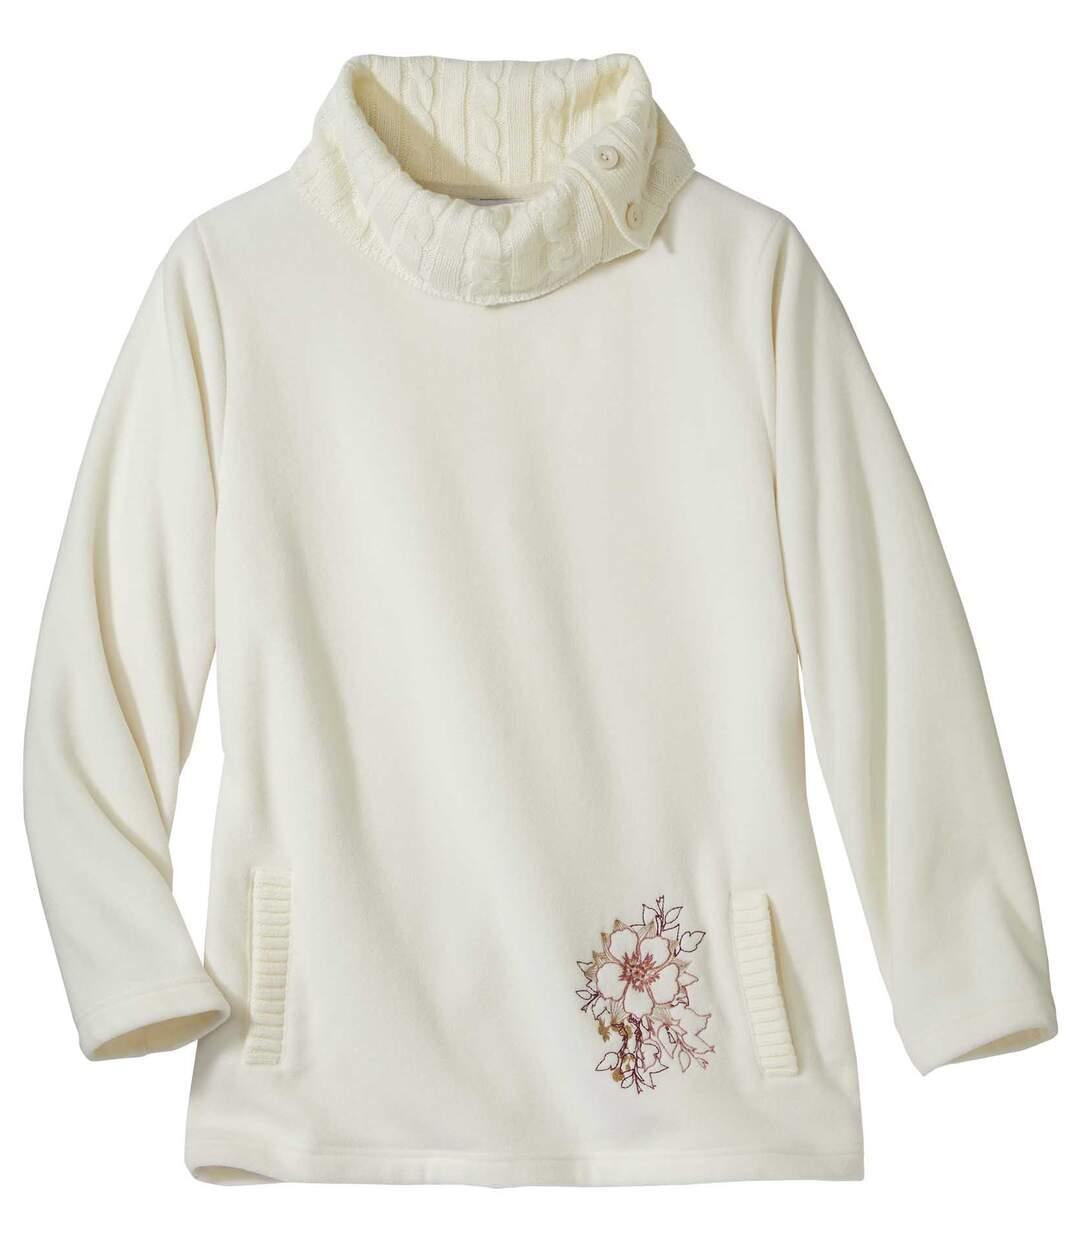 Divatos polár és kötött tunika pulóver